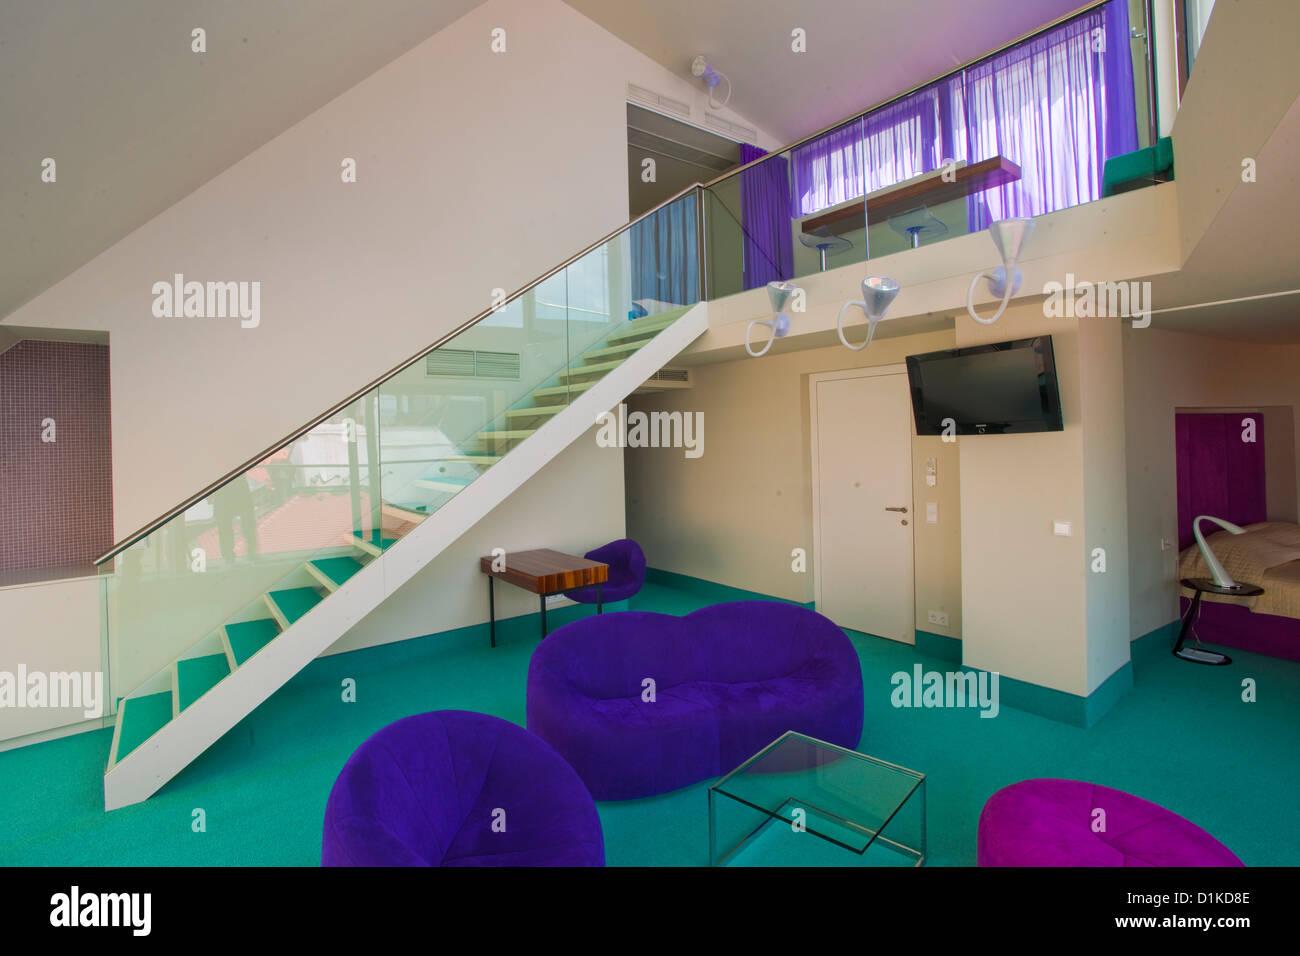 Österreich, Wien 1, schulerstrasse 10 Hotel König von Ungarn, im modernen Anbau, Desing-Suite im Maisonettestil Stockbild